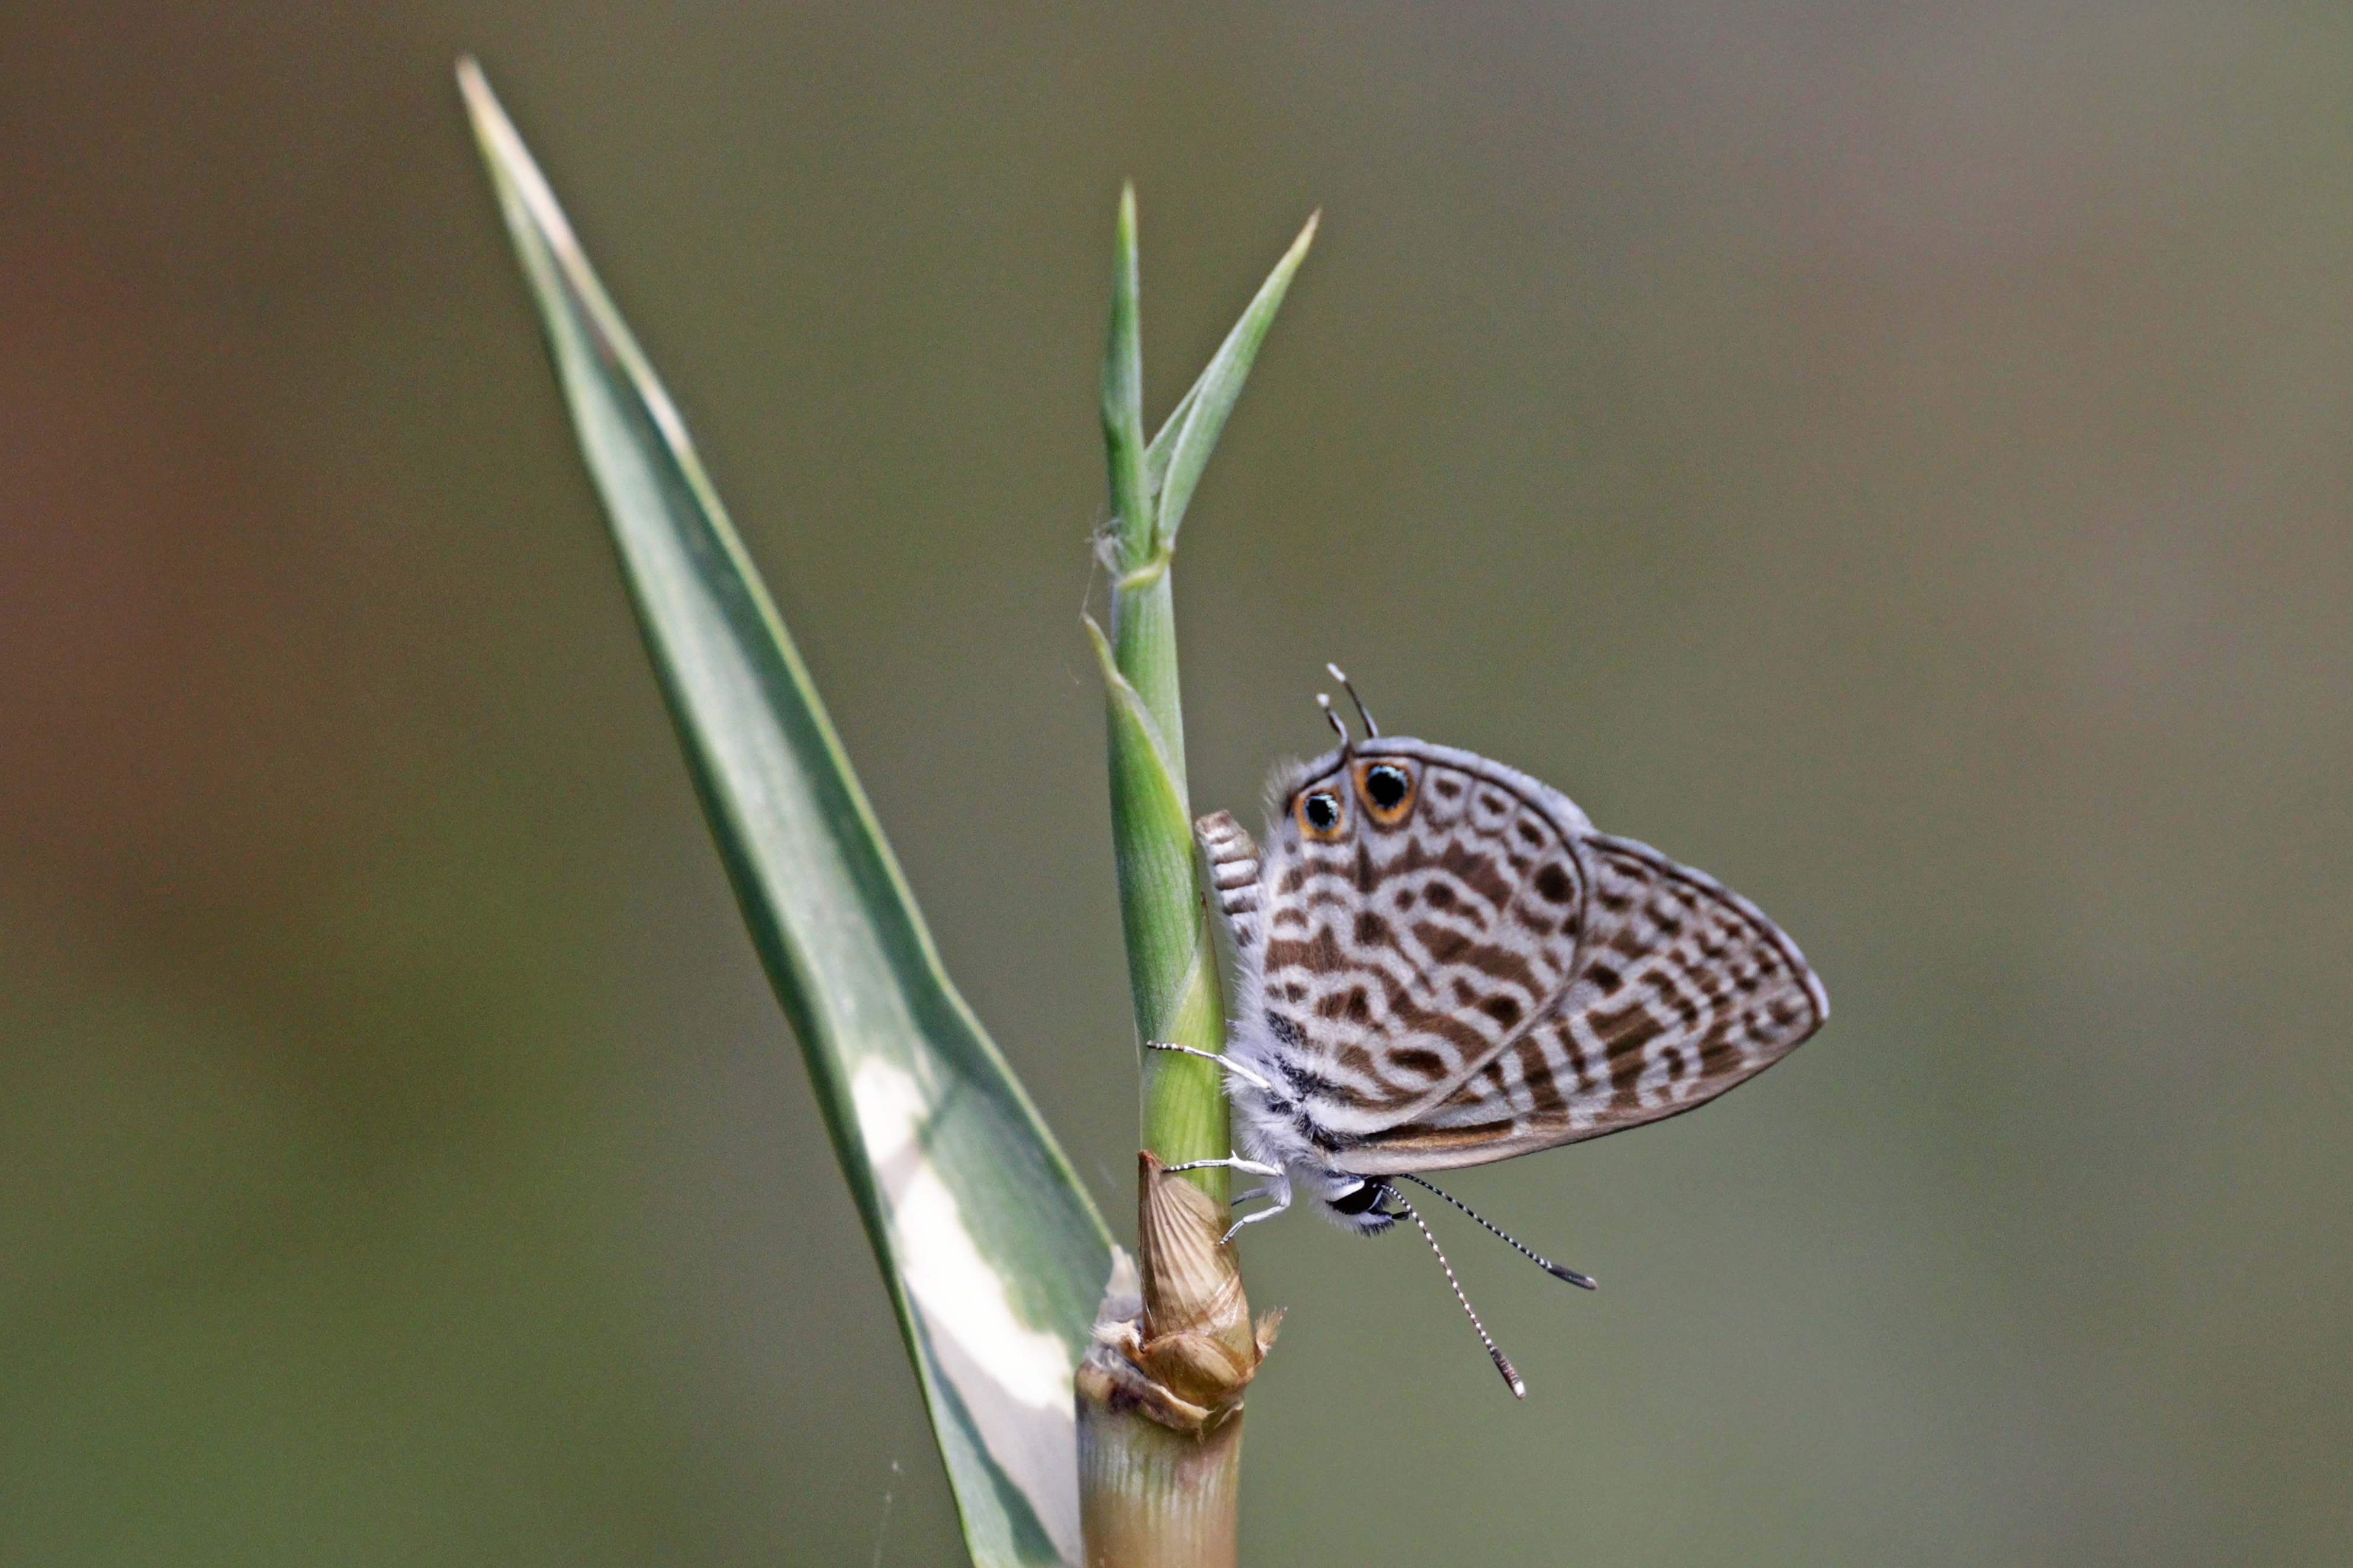 File:madagascar Zebra Blue (Leptotes Rabefaner concernant Zebre Dans Madagascar